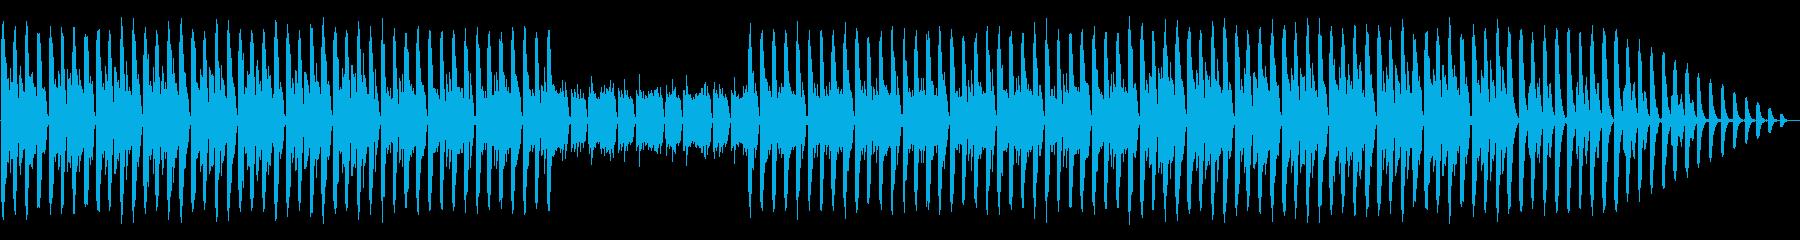 テクノ。アルペジエーター、シーケンサー。の再生済みの波形